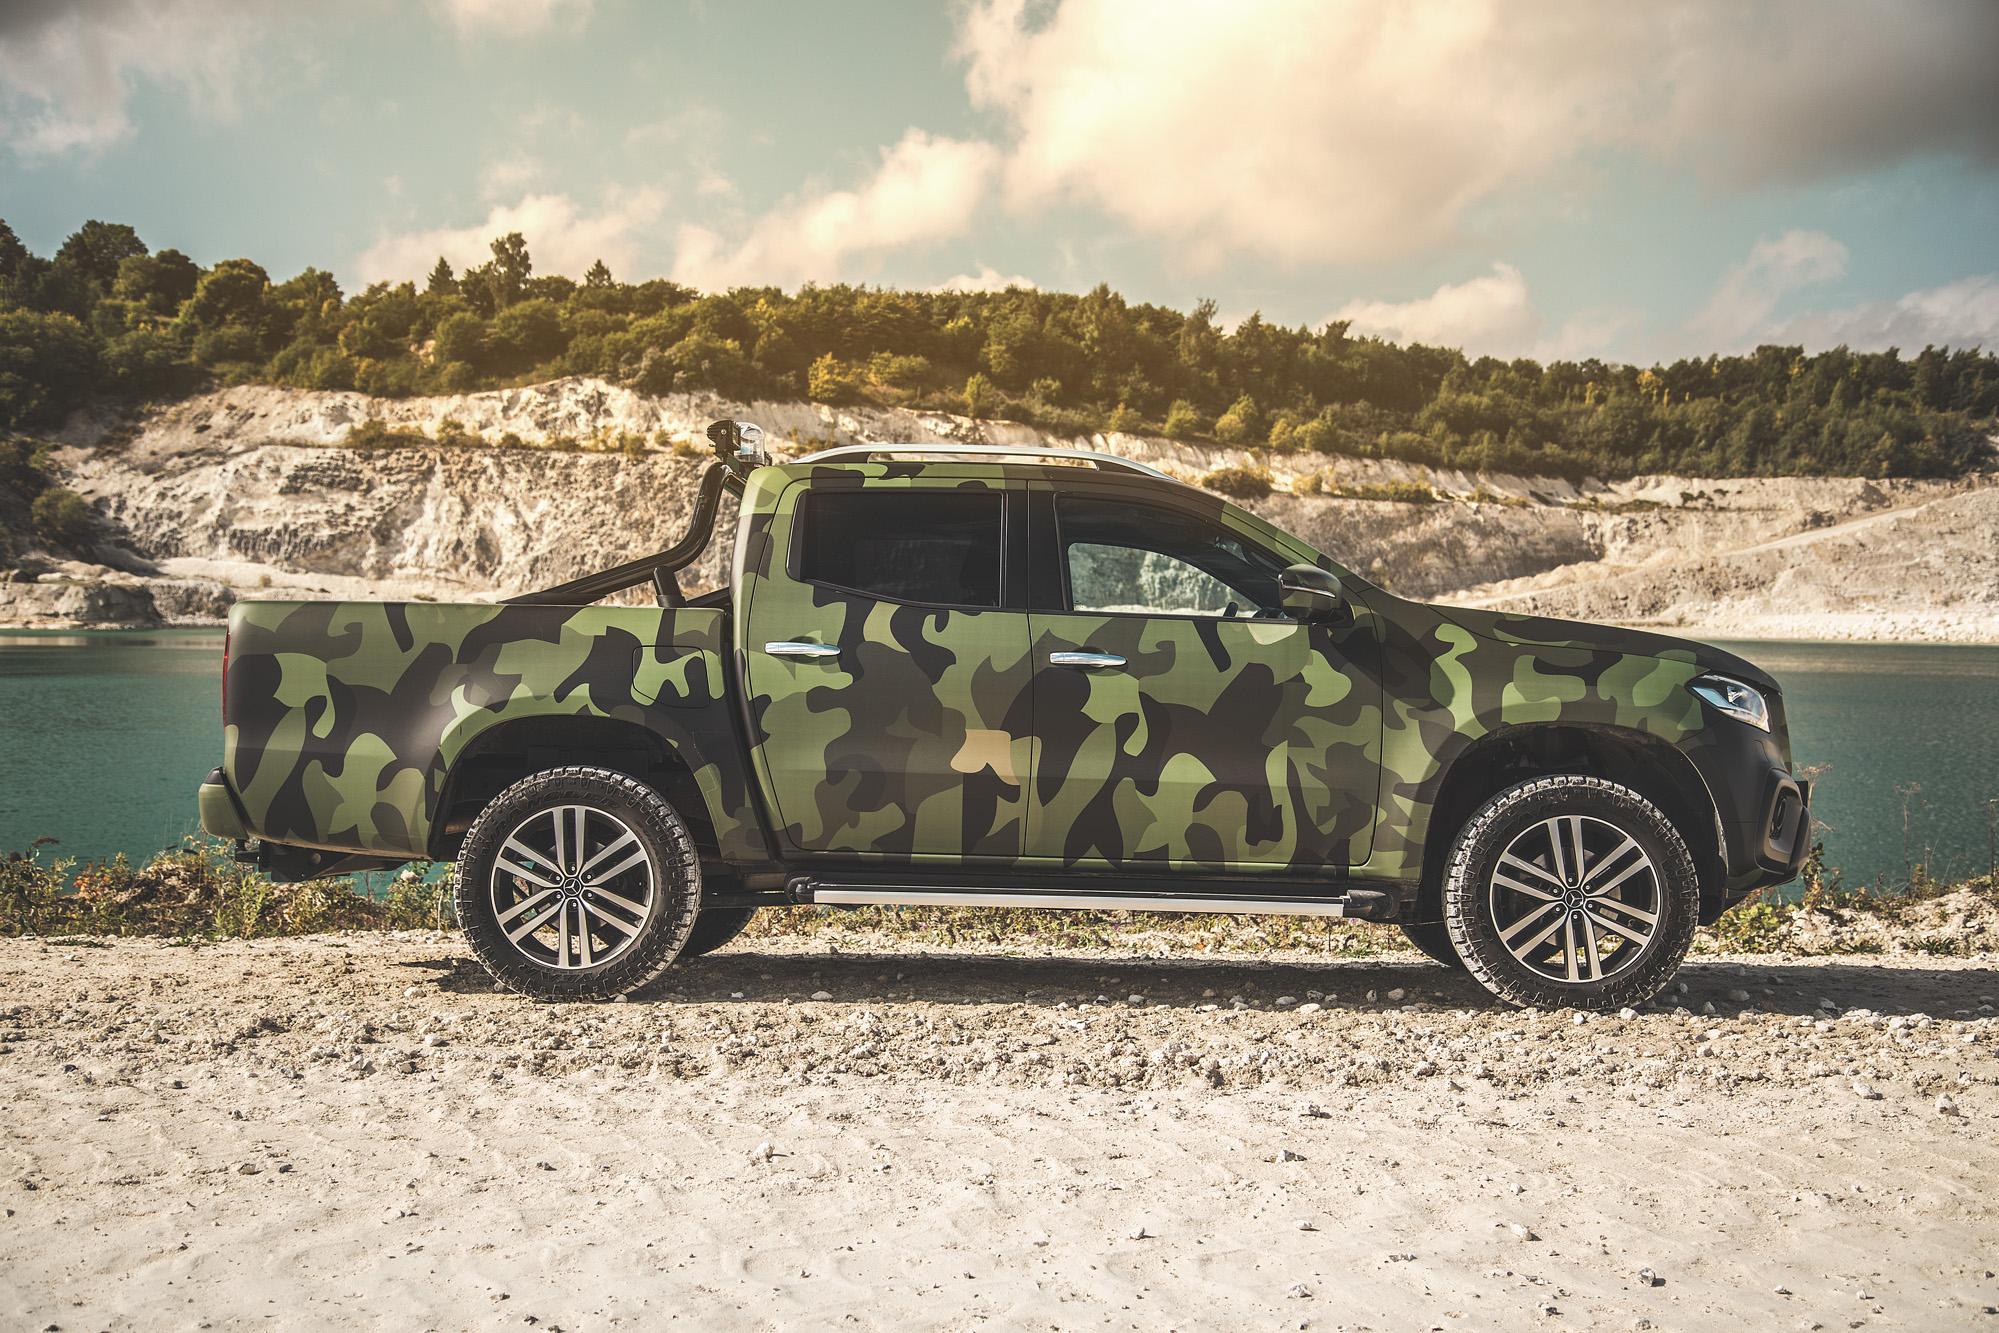 Mercedes_X-class_08_Lars_Krogsgaard.jpg